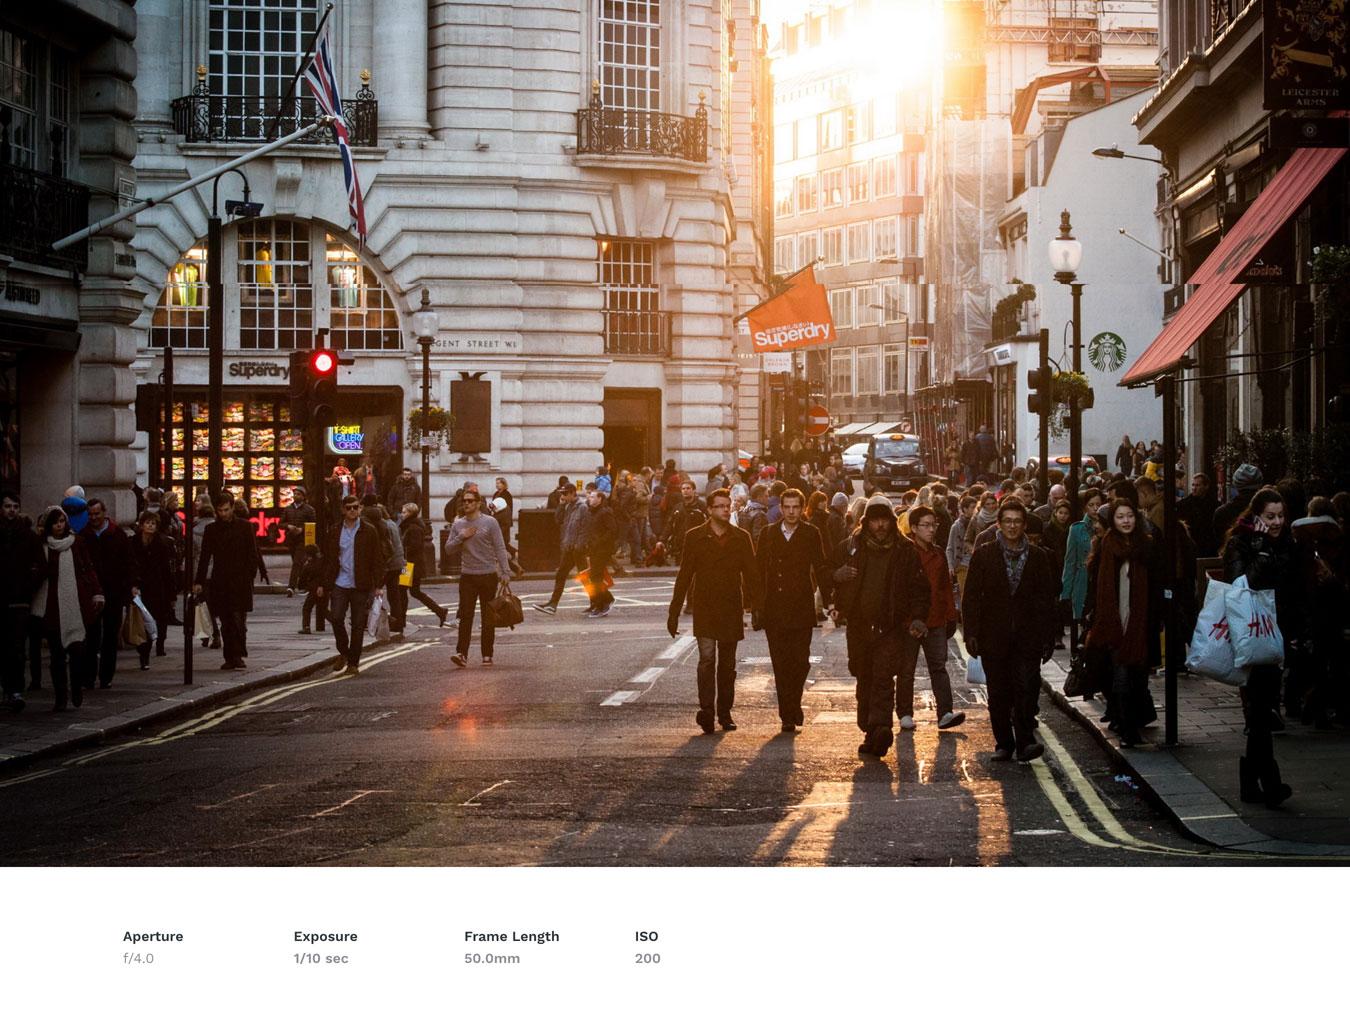 简约规整的WordPress主题摄影博客网站模板 PacificBlue Portfolio WP插图(4)